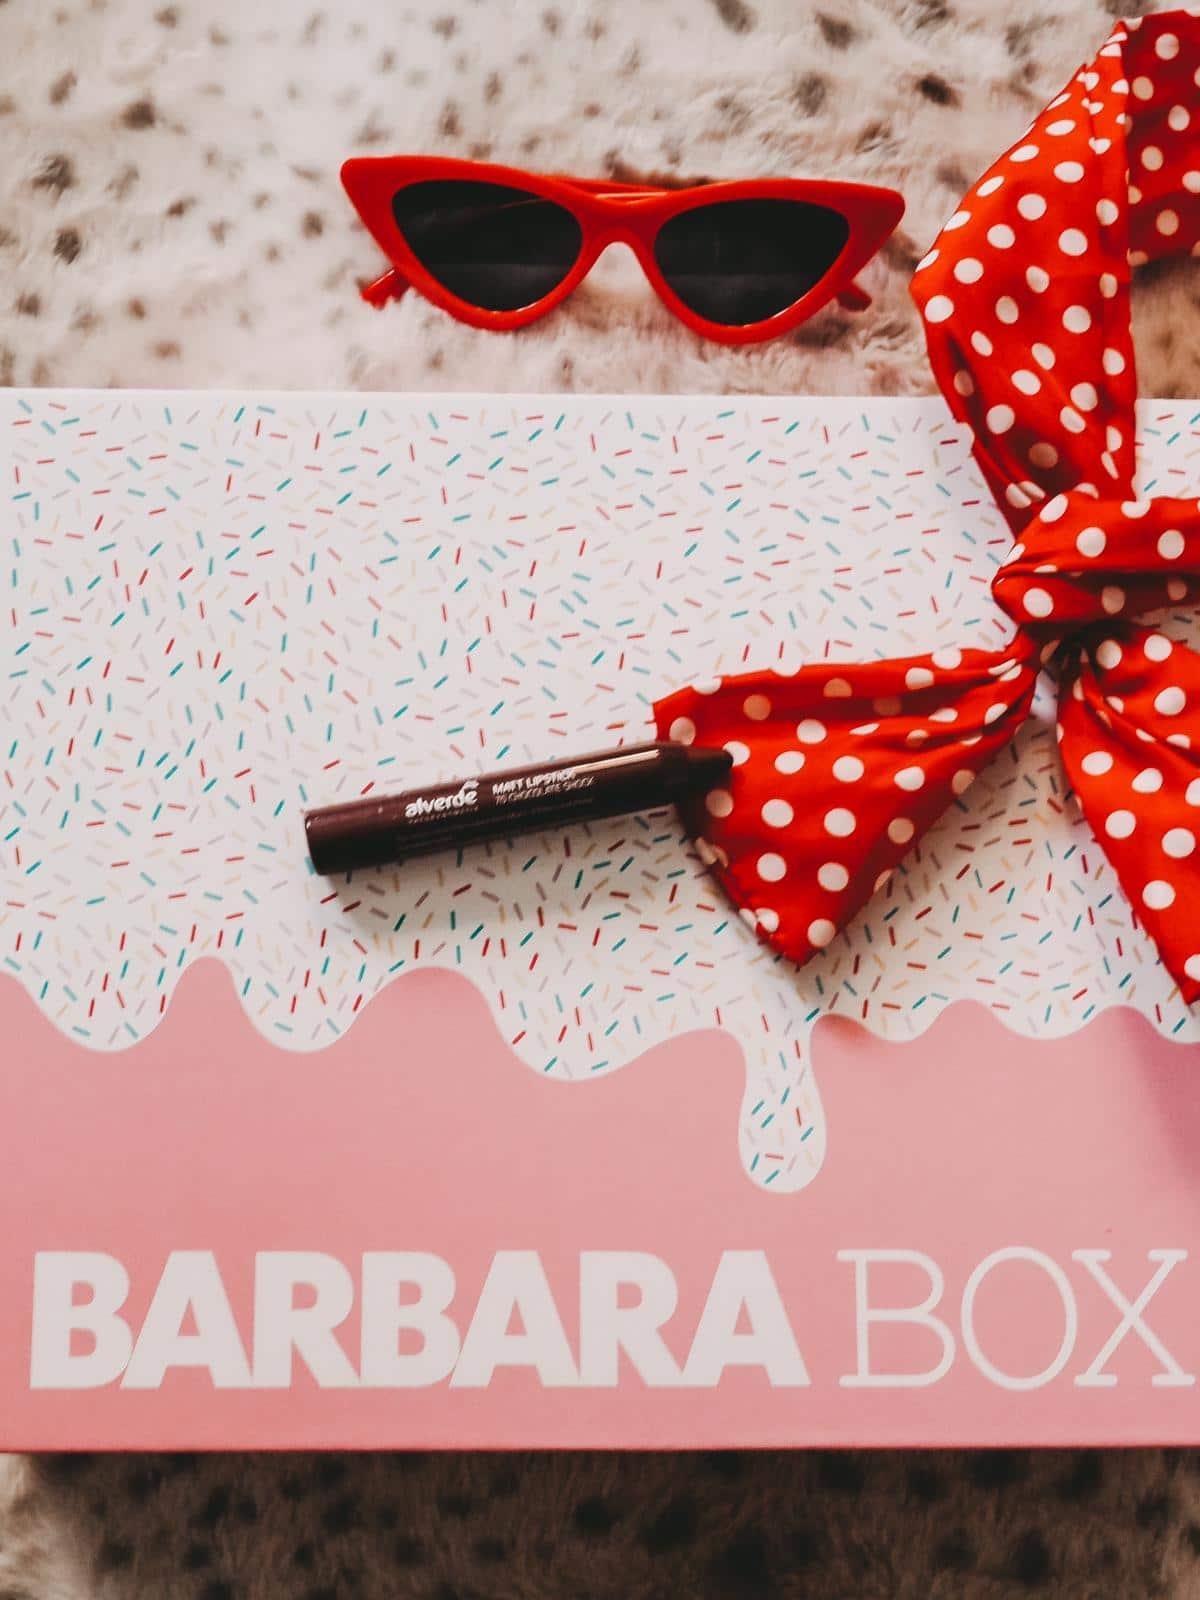 Barbara Box Sahneschnitte Alverde Naturkosmetik Lippen Duo